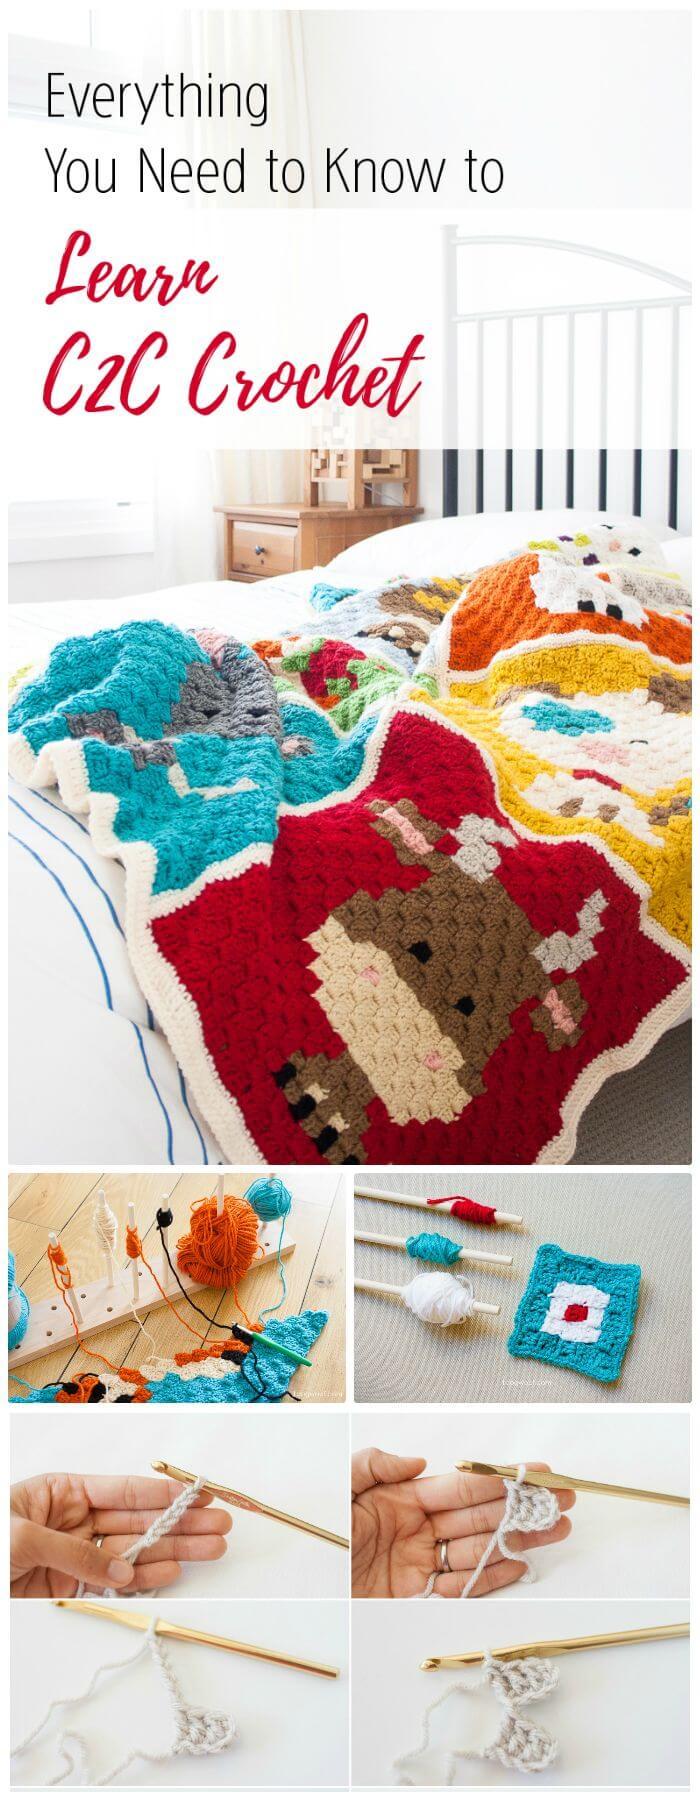 DIY C2C Crochet Todo lo que necesita saber, instrucciones para crochet c2c.